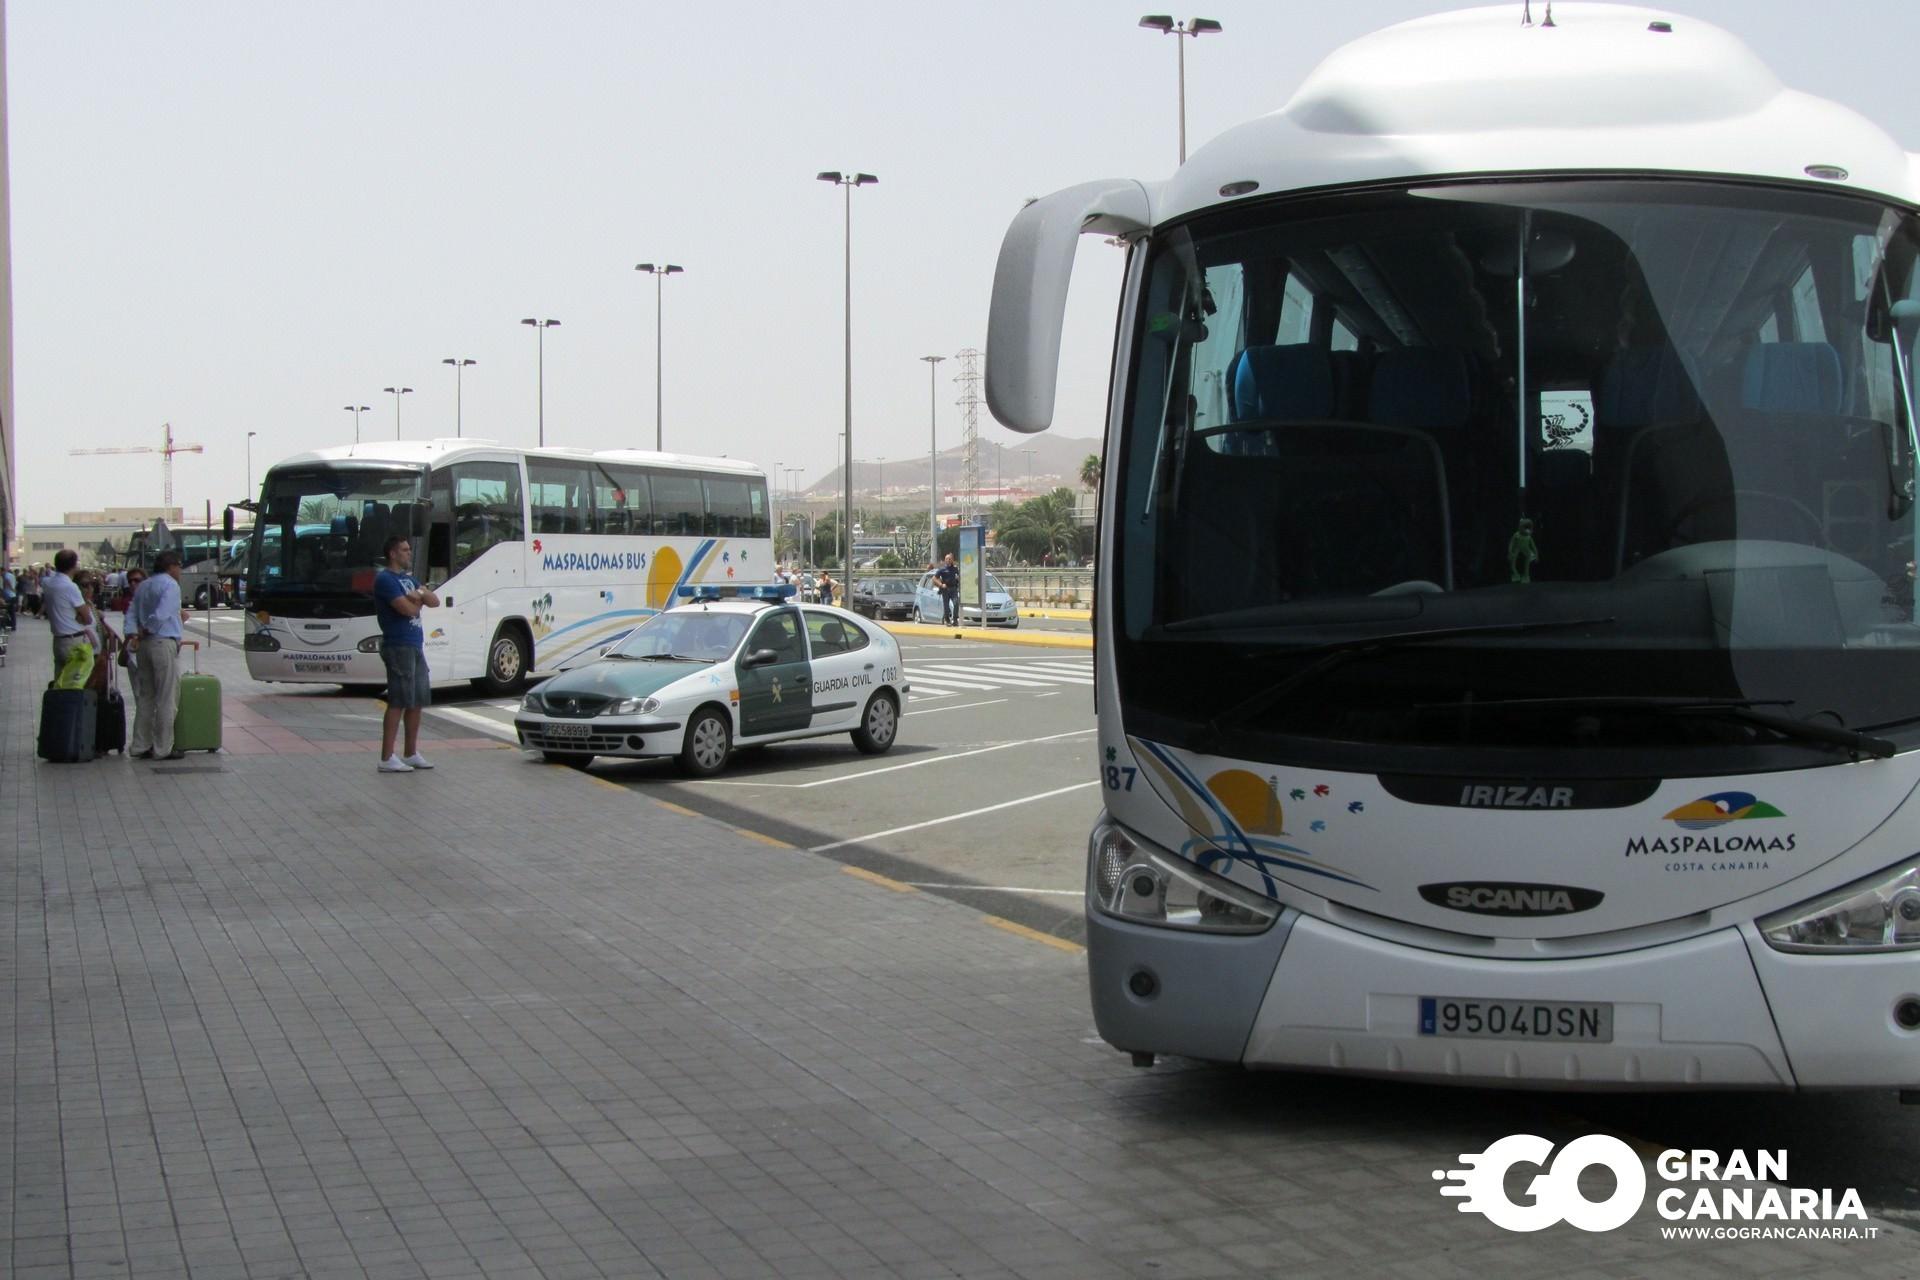 Aeroporto Gran Canaria : Transfer aeroporto di gran canaria per maspalomas e playa